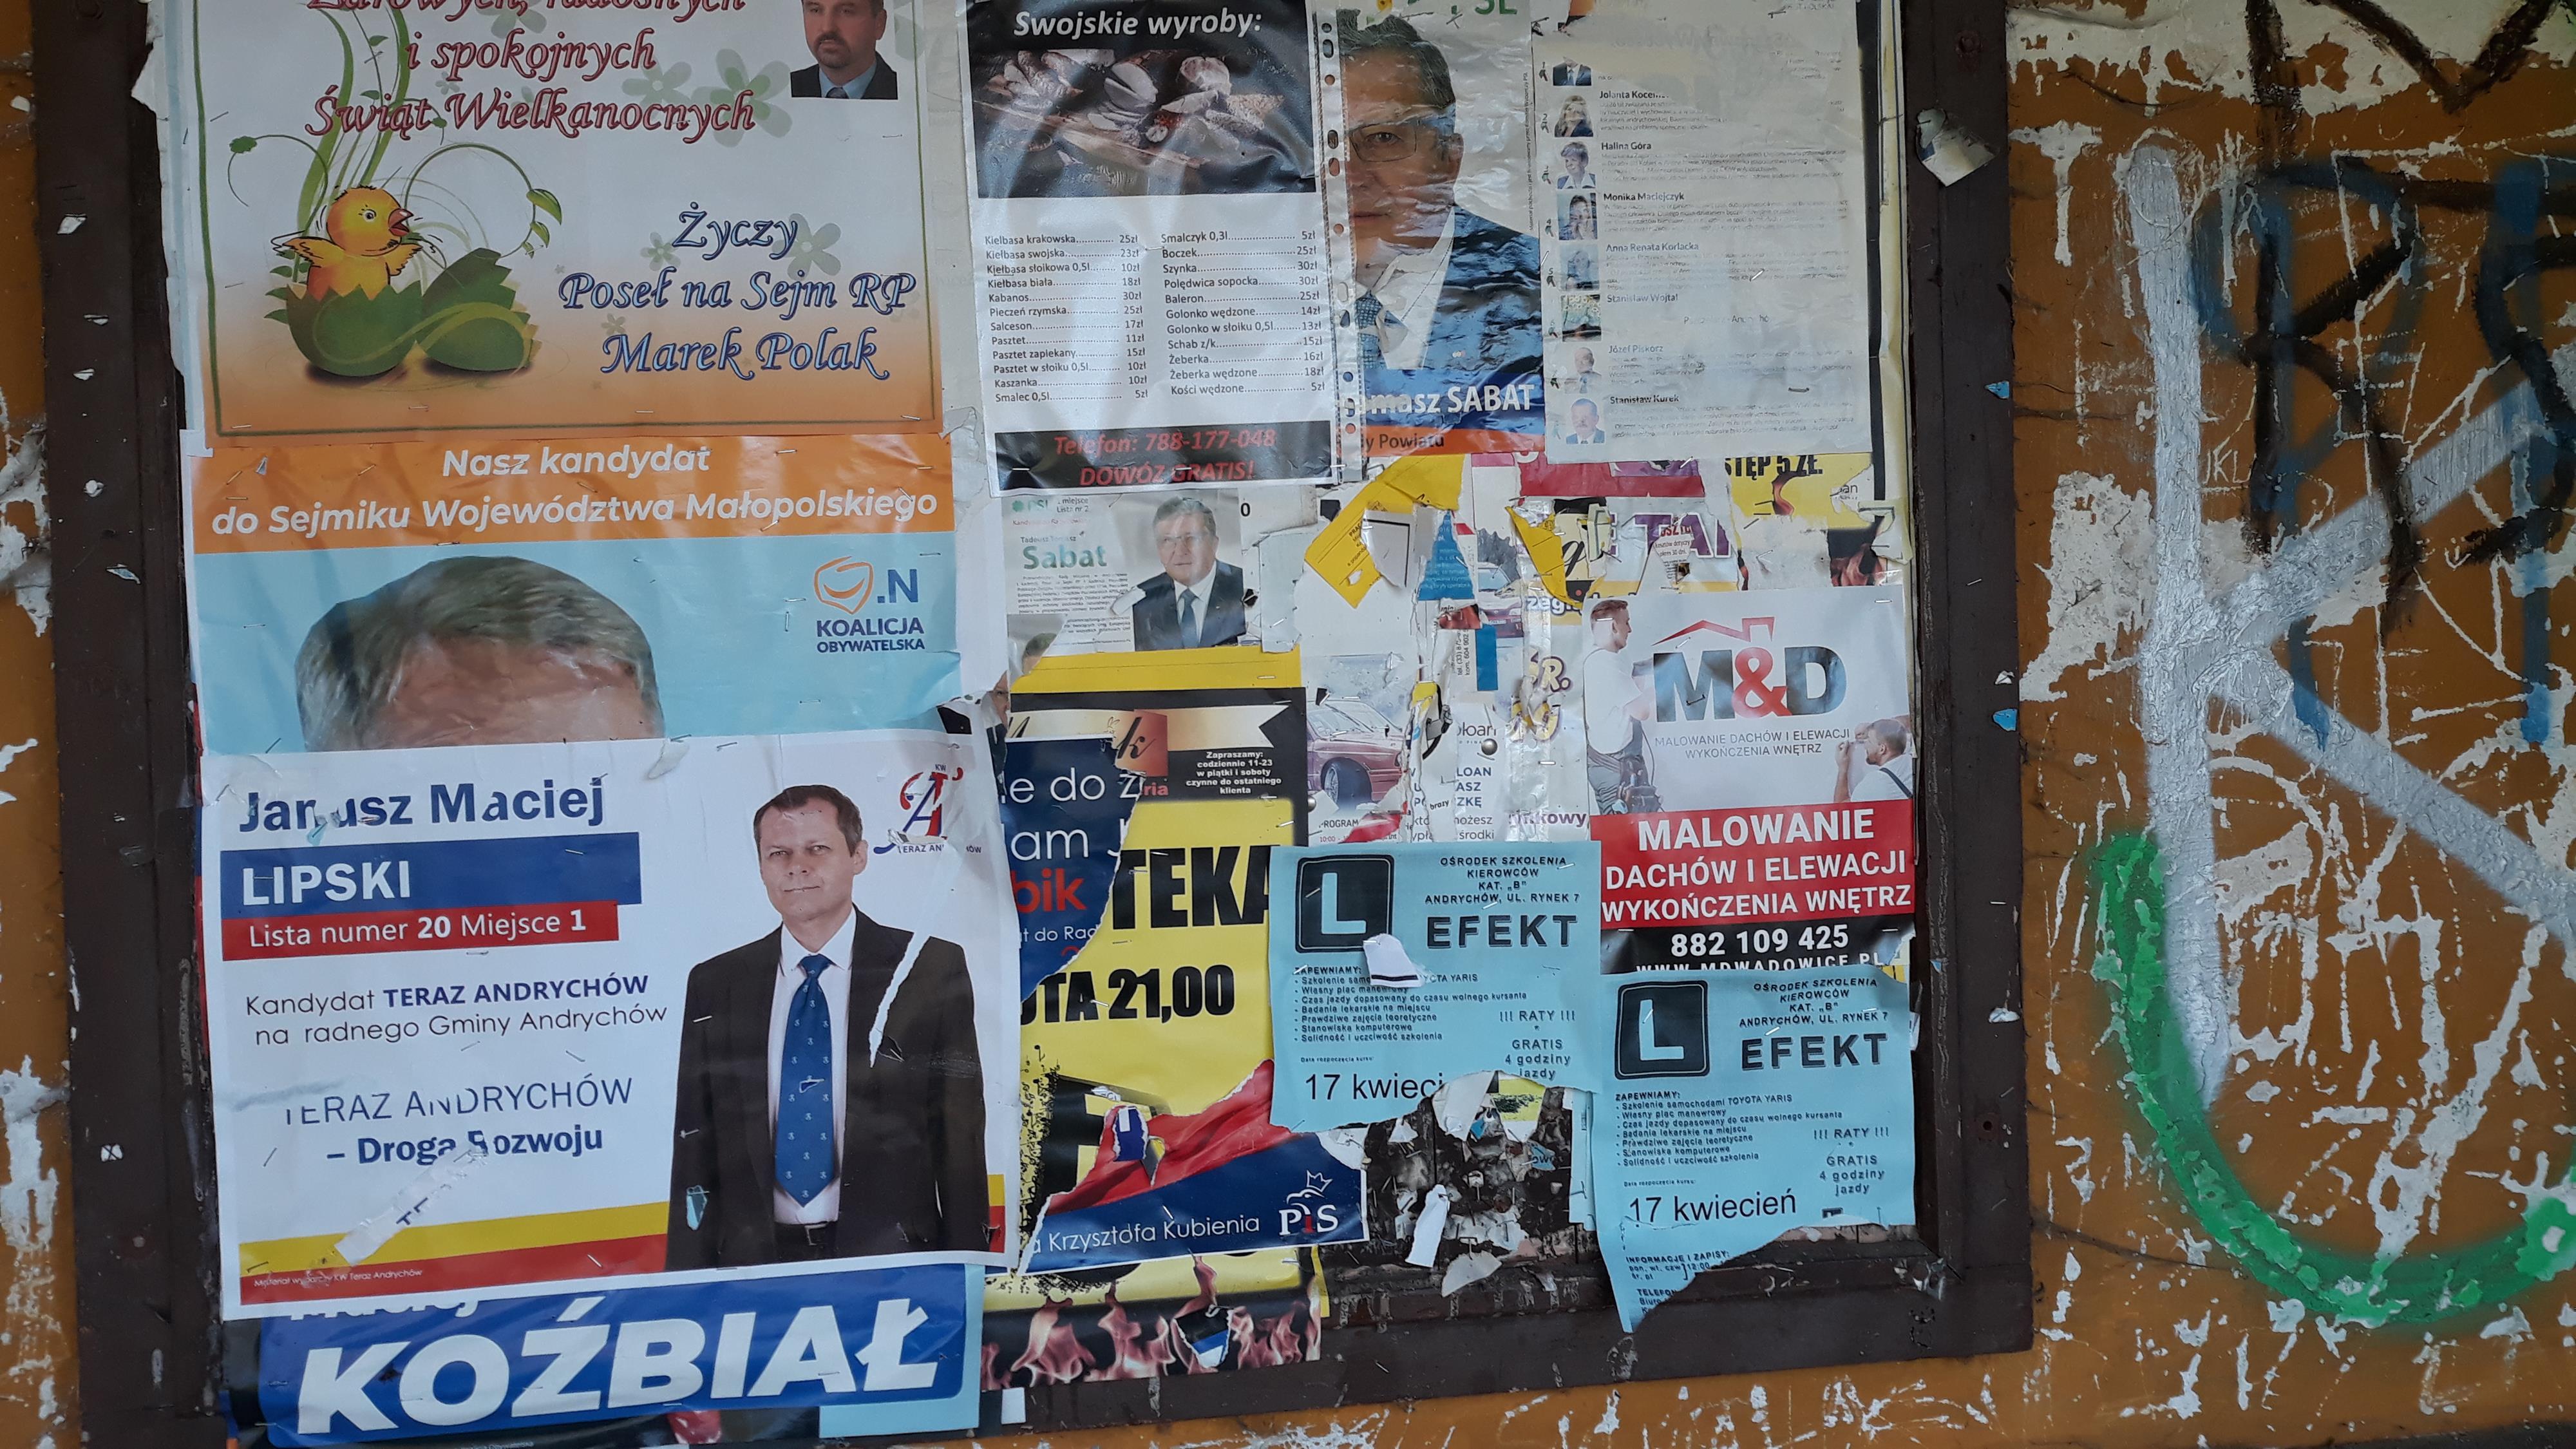 Kolejne wybory za pasem, a niektórzy nie posprzątali jeszcze po poprzednich